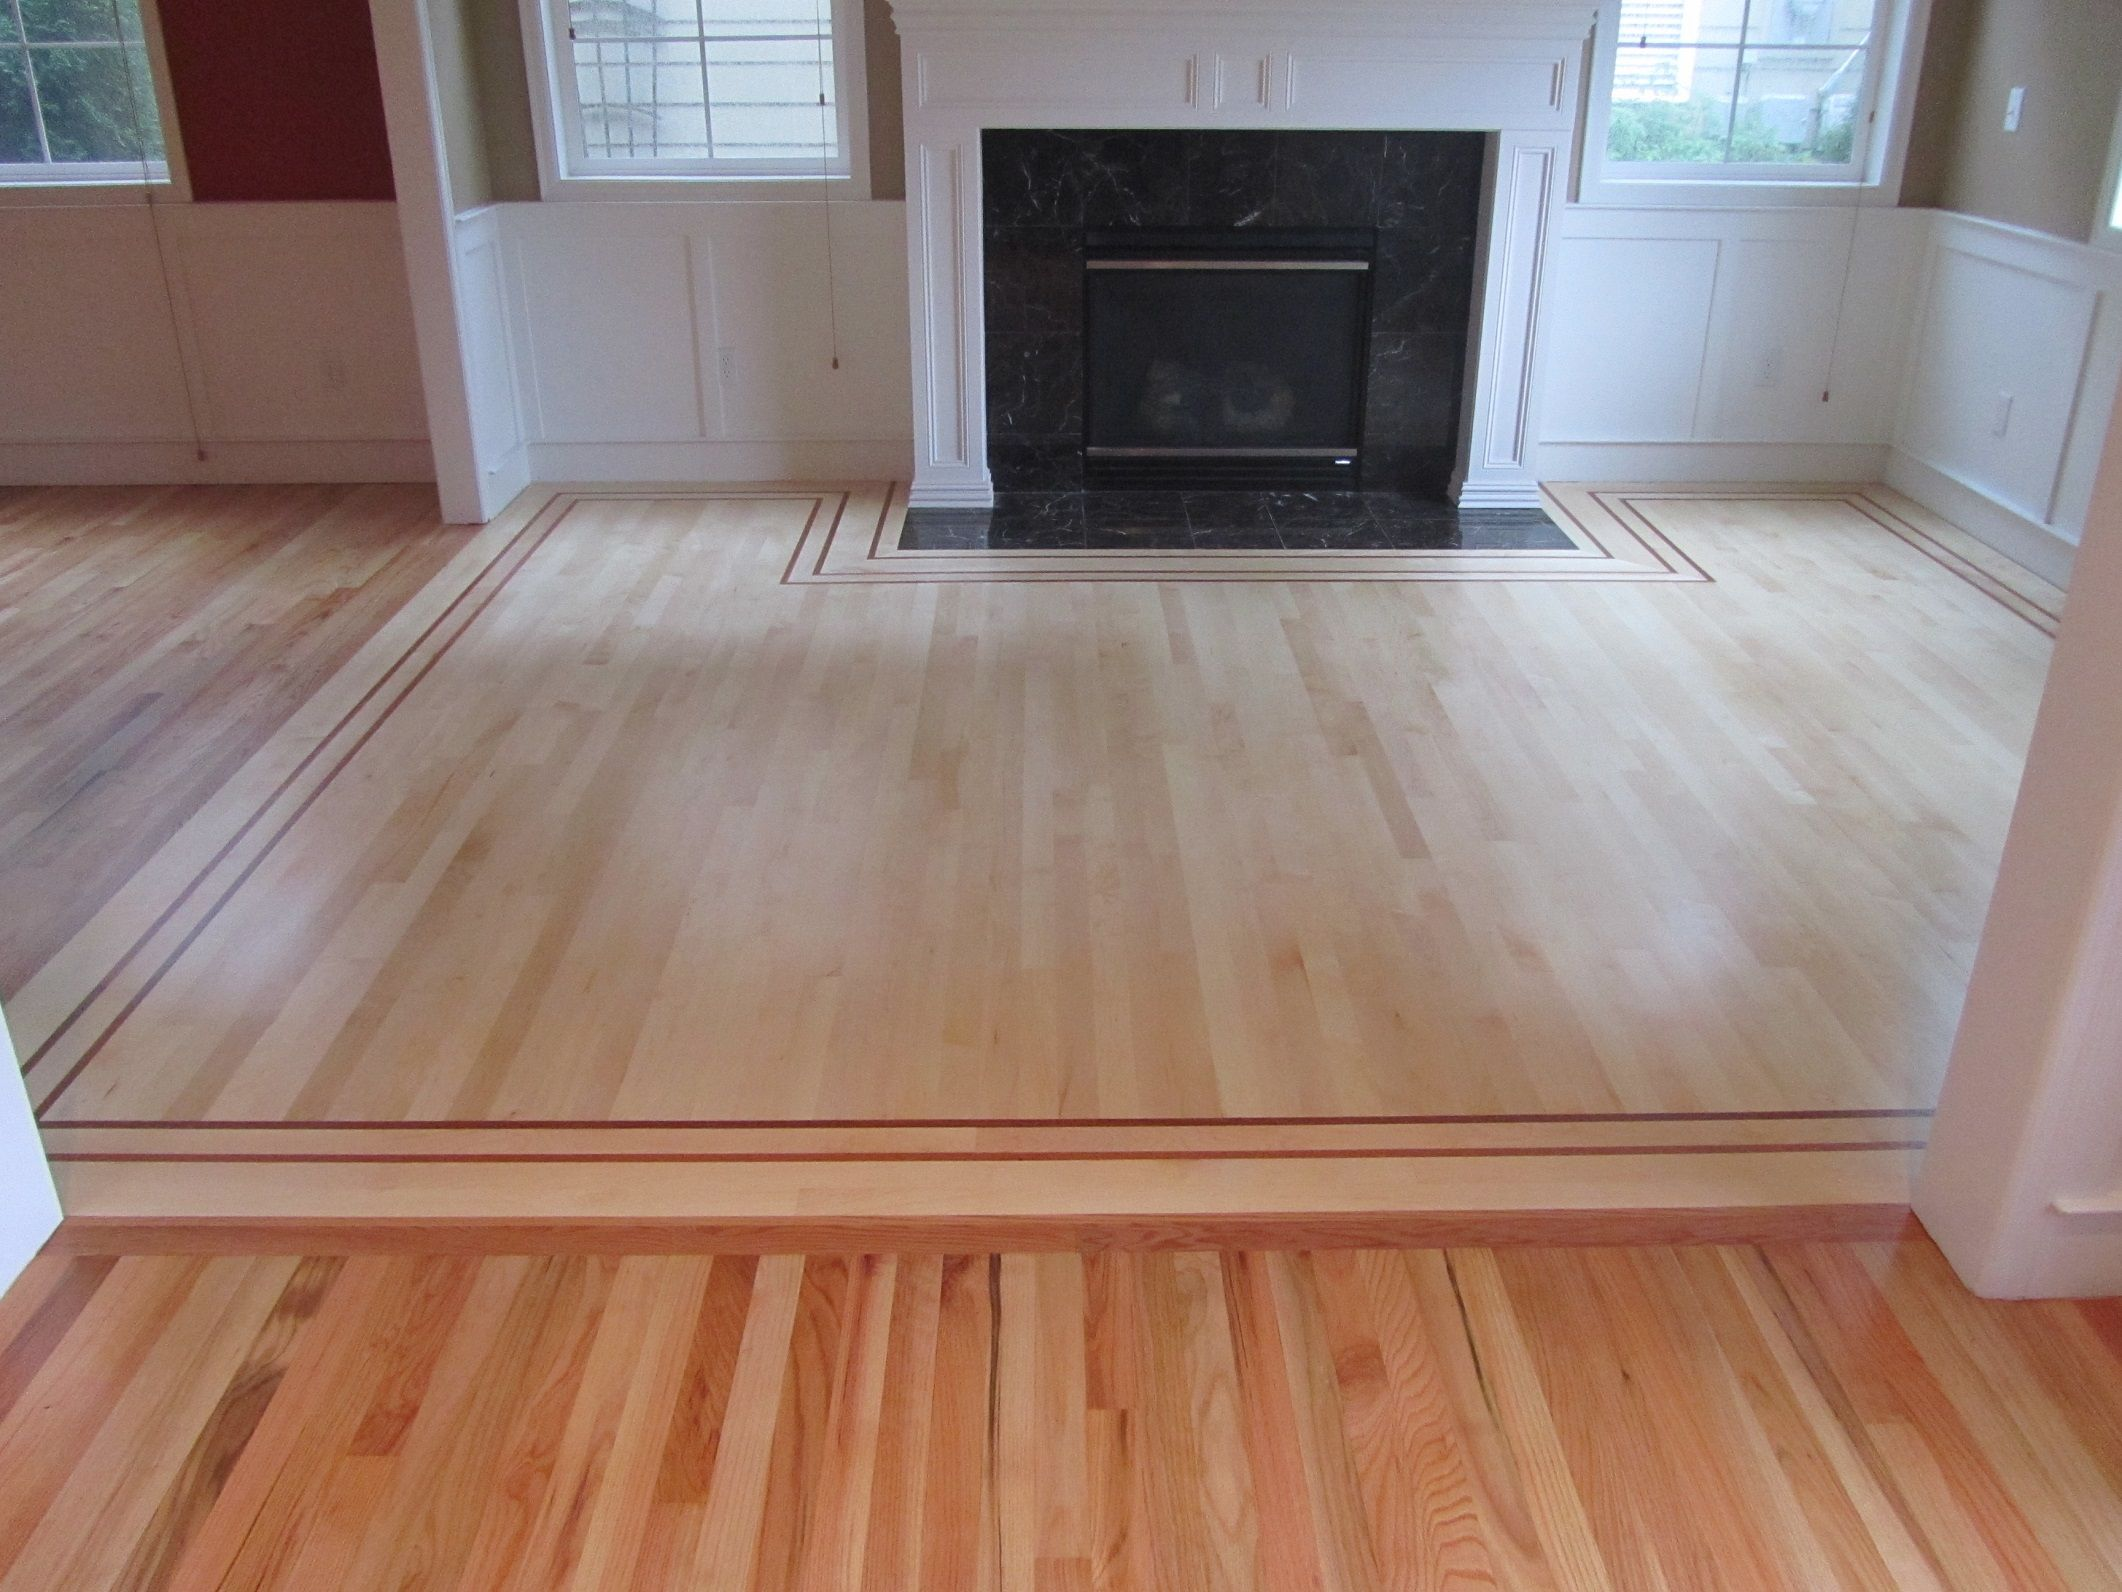 Floor Beautiful Wood Floor Refinishing Around White Painted Wall Interior With Bla Herringbone Hardwood Floors Refinishing Hardwood Floors Refinishing Floors